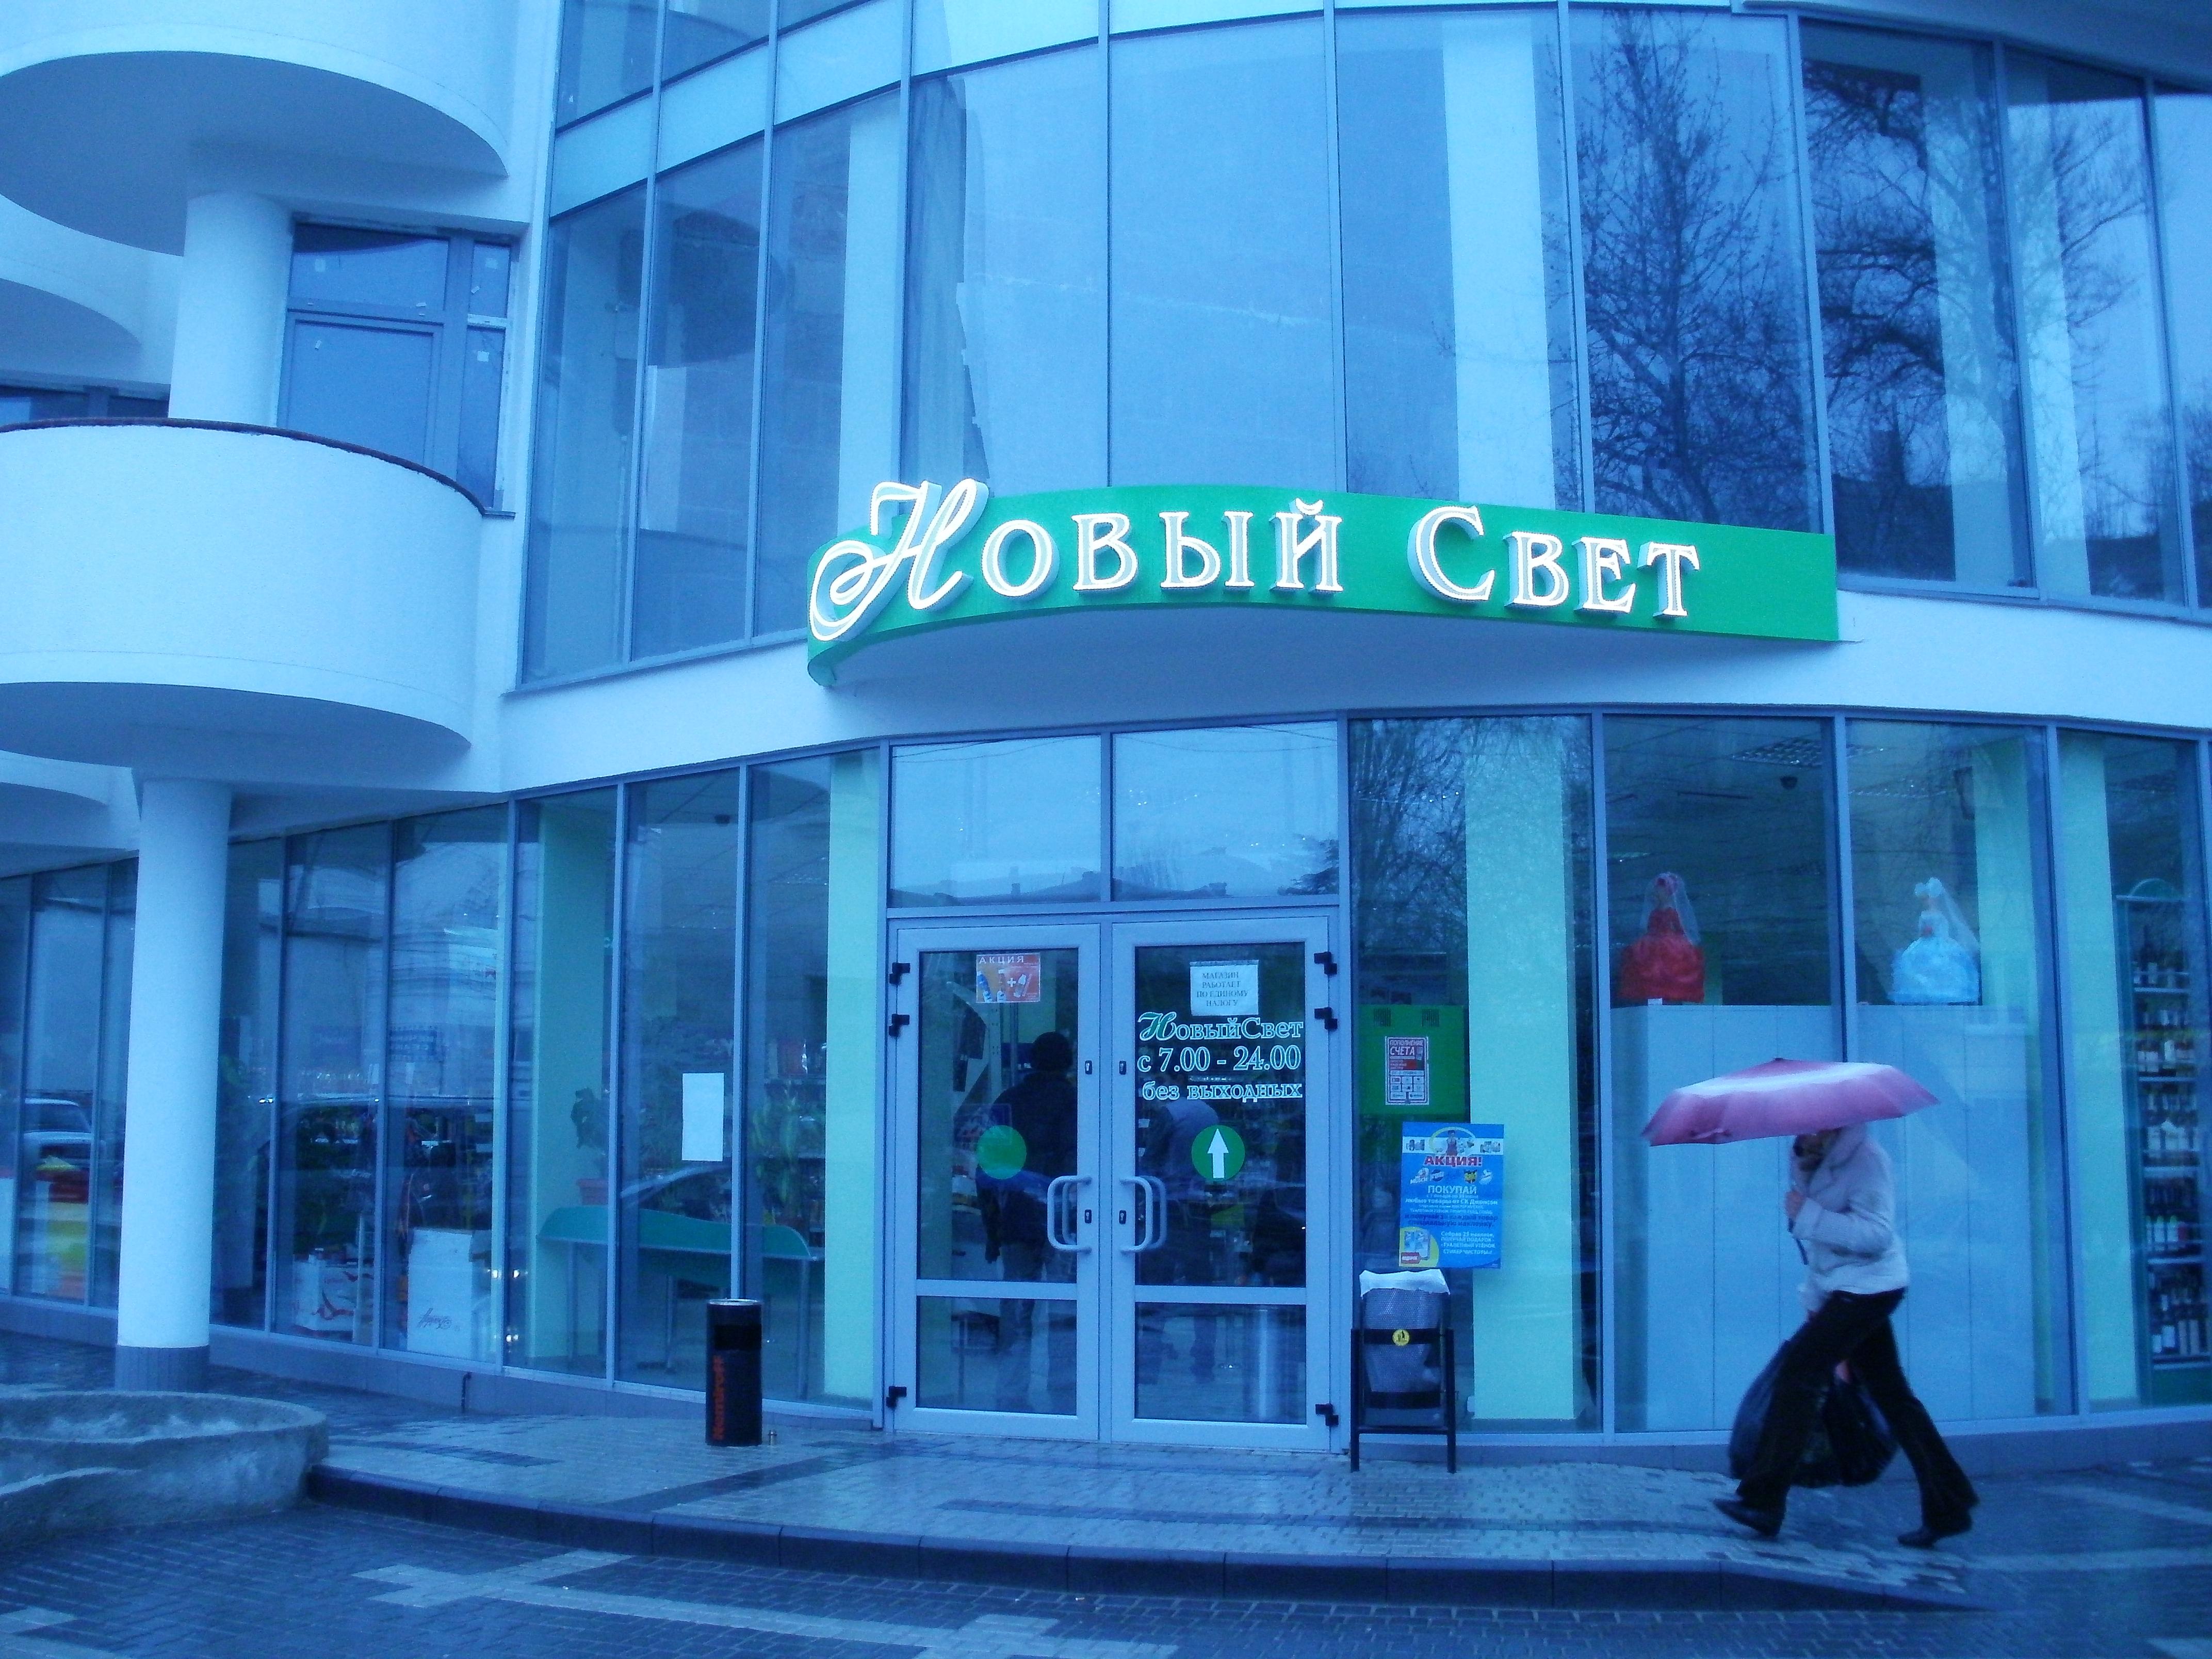 Фирма: Новый свет, магазин, кафе